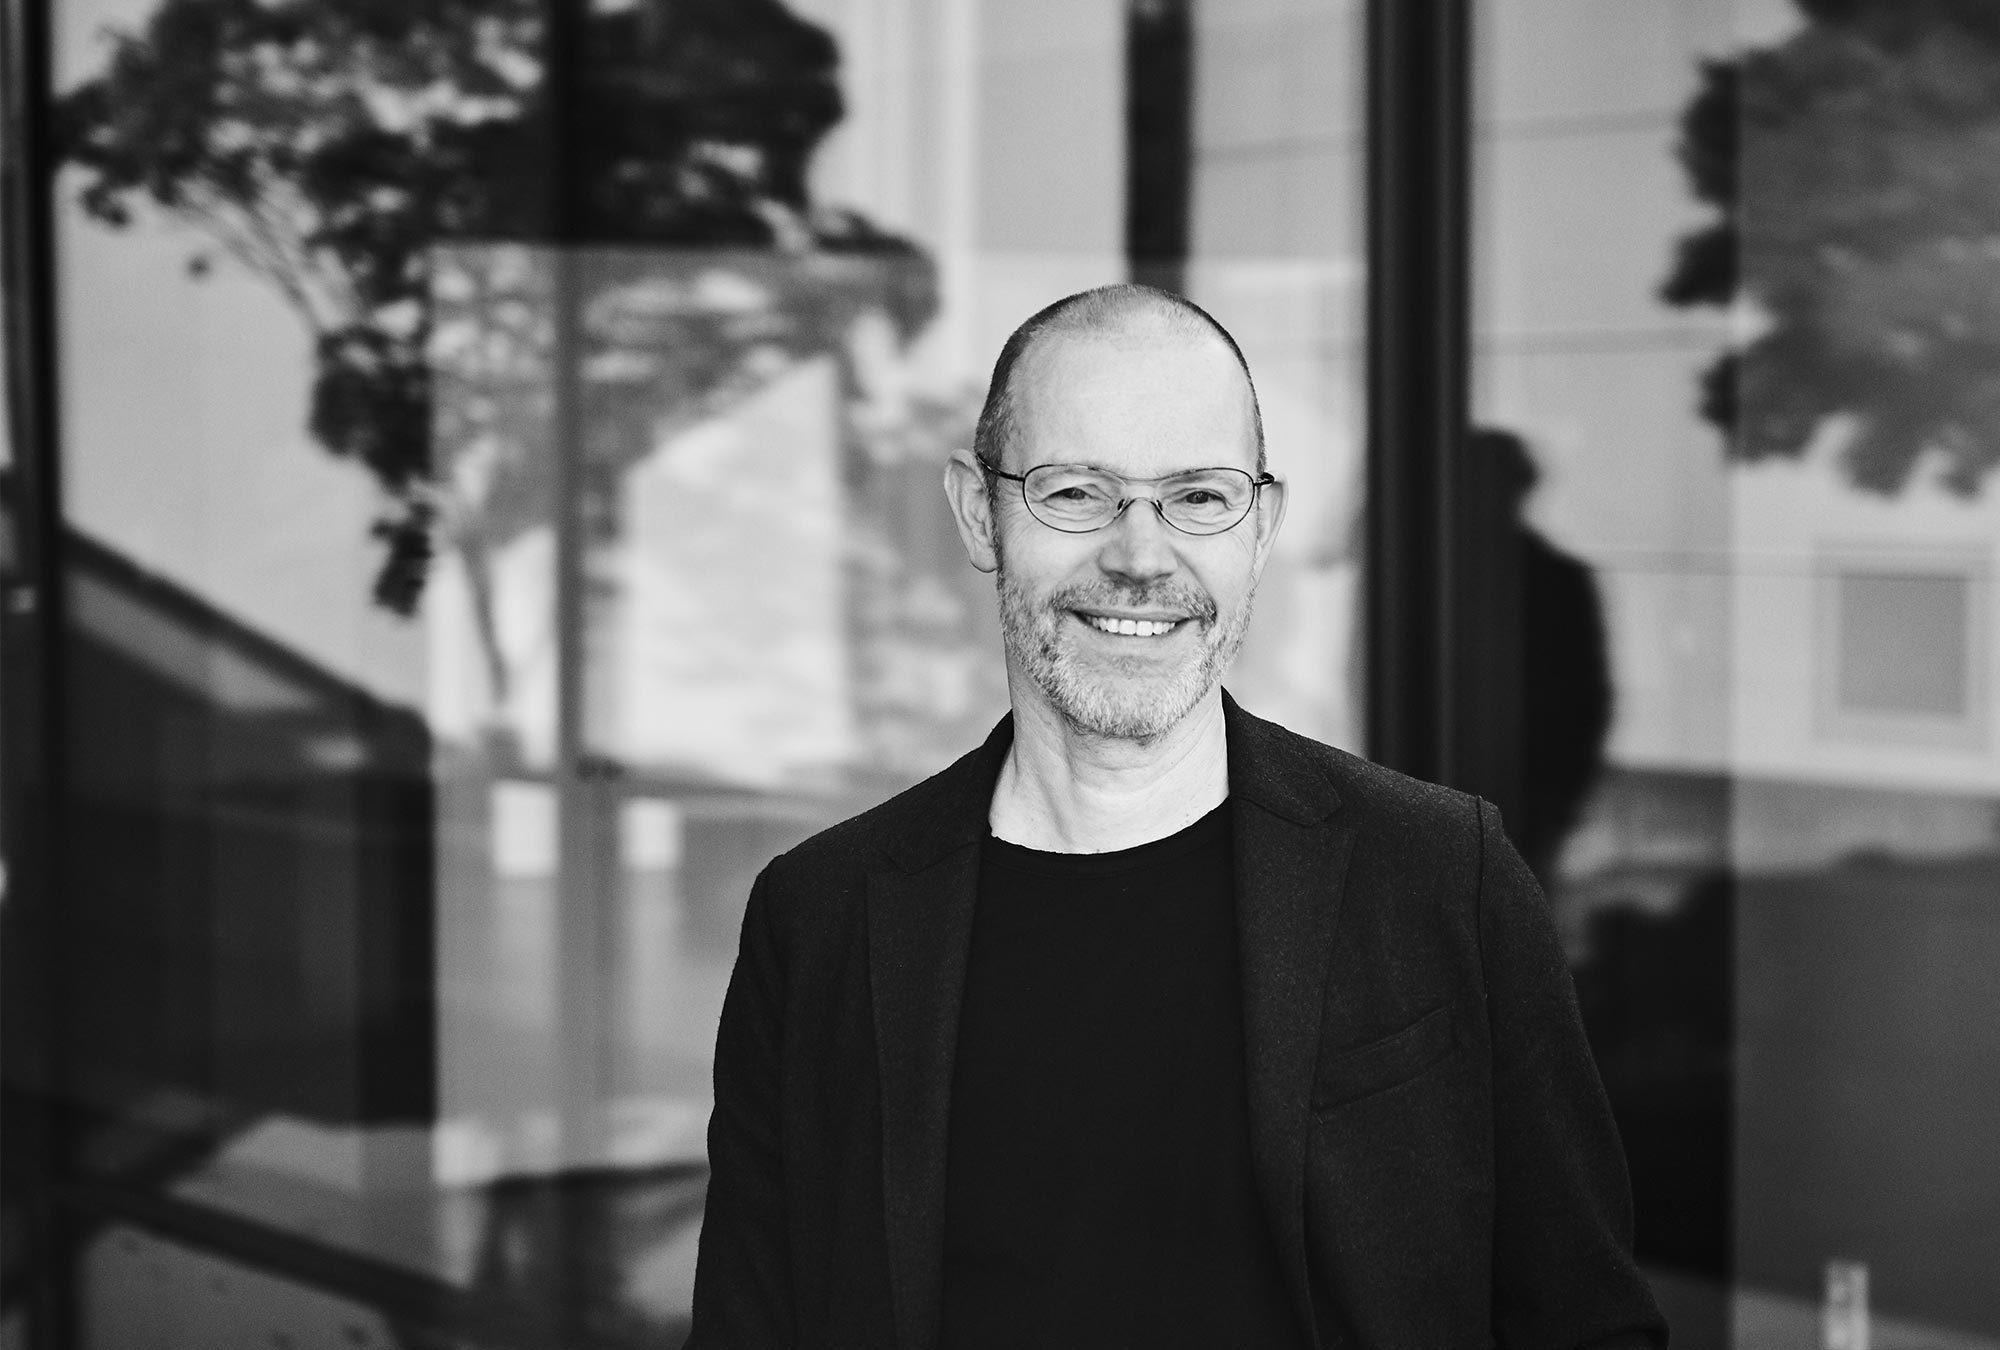 Leo Lübke übernahm 1995 die Leitung des Polstermöbelherstellers COR